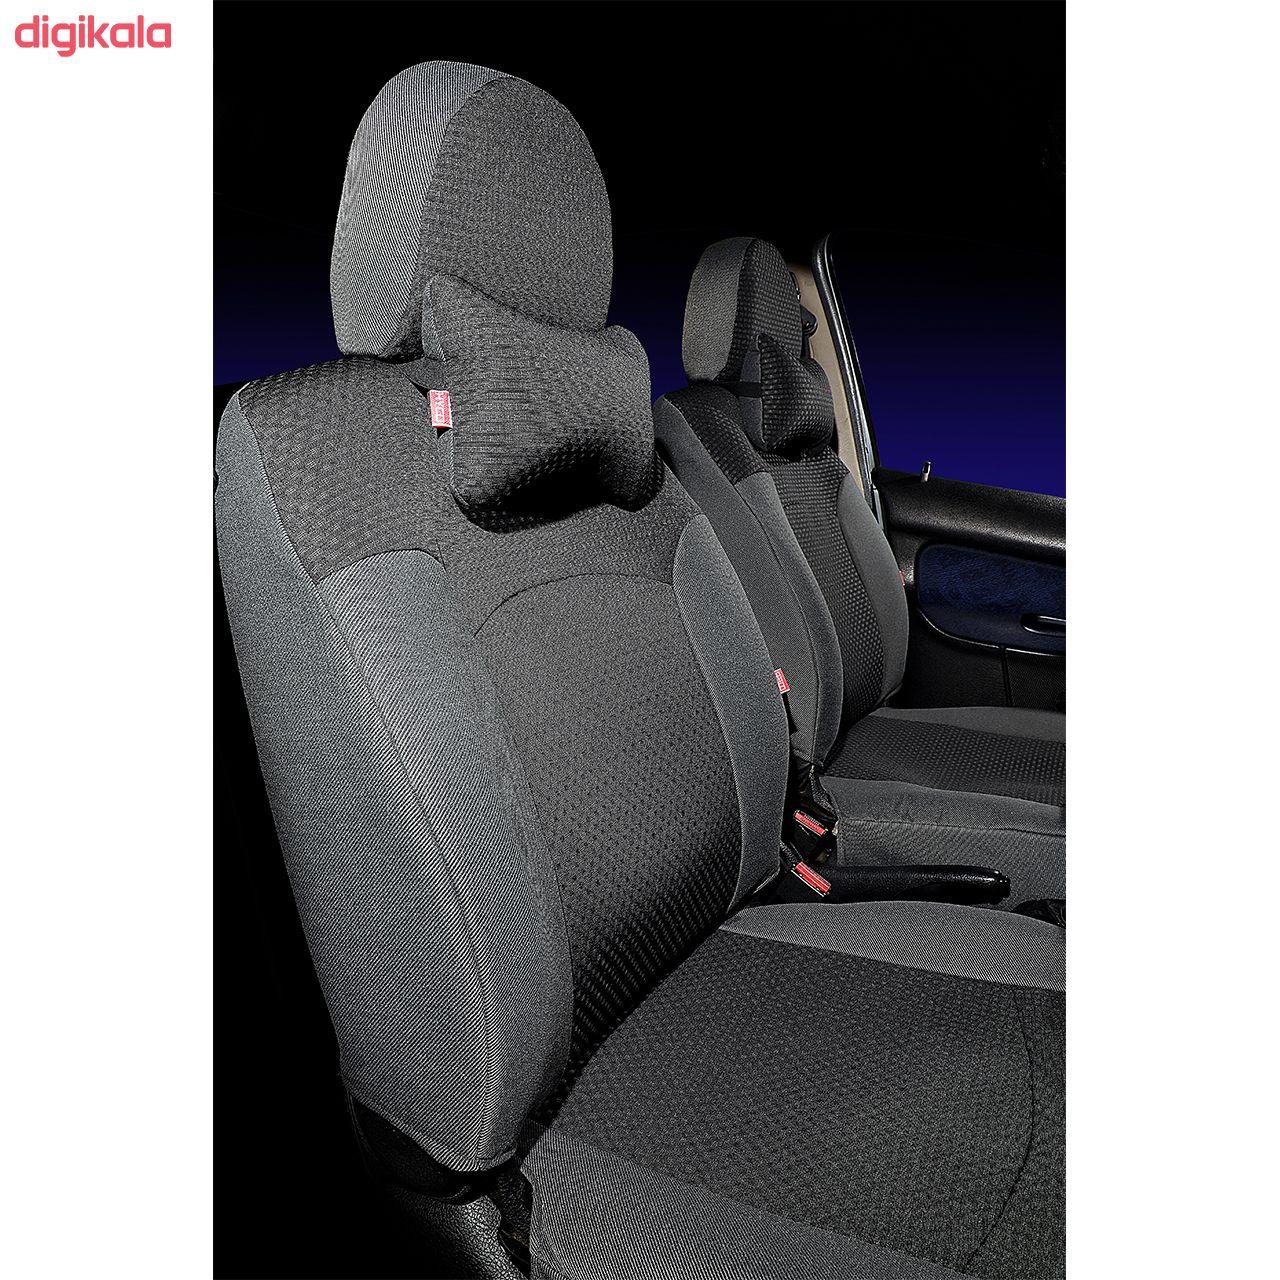 روکش صندلی خودرو هایکو طرح پانیذ مناسب برای پژو 206 main 1 10